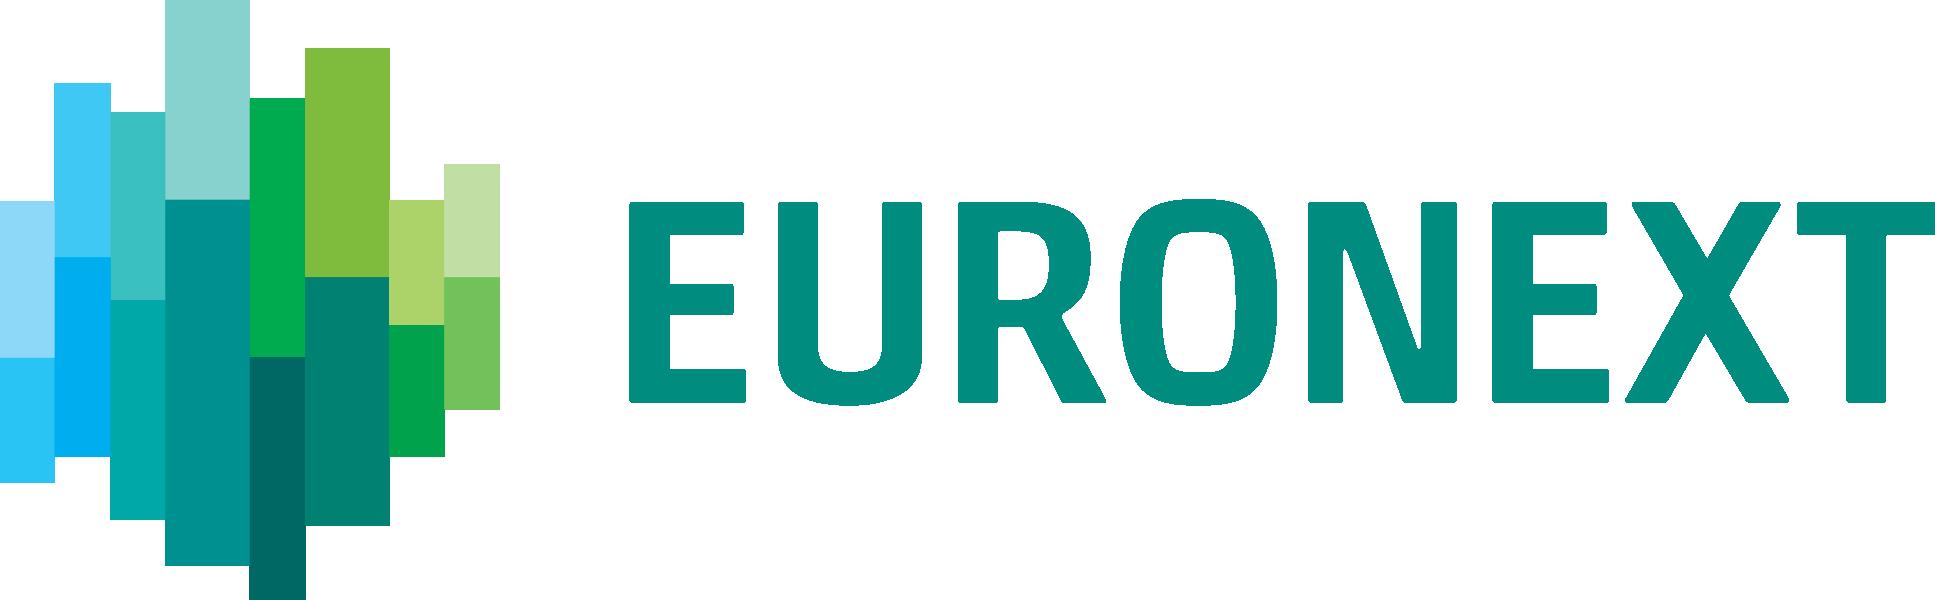 Euronext Paris Stock Exchange